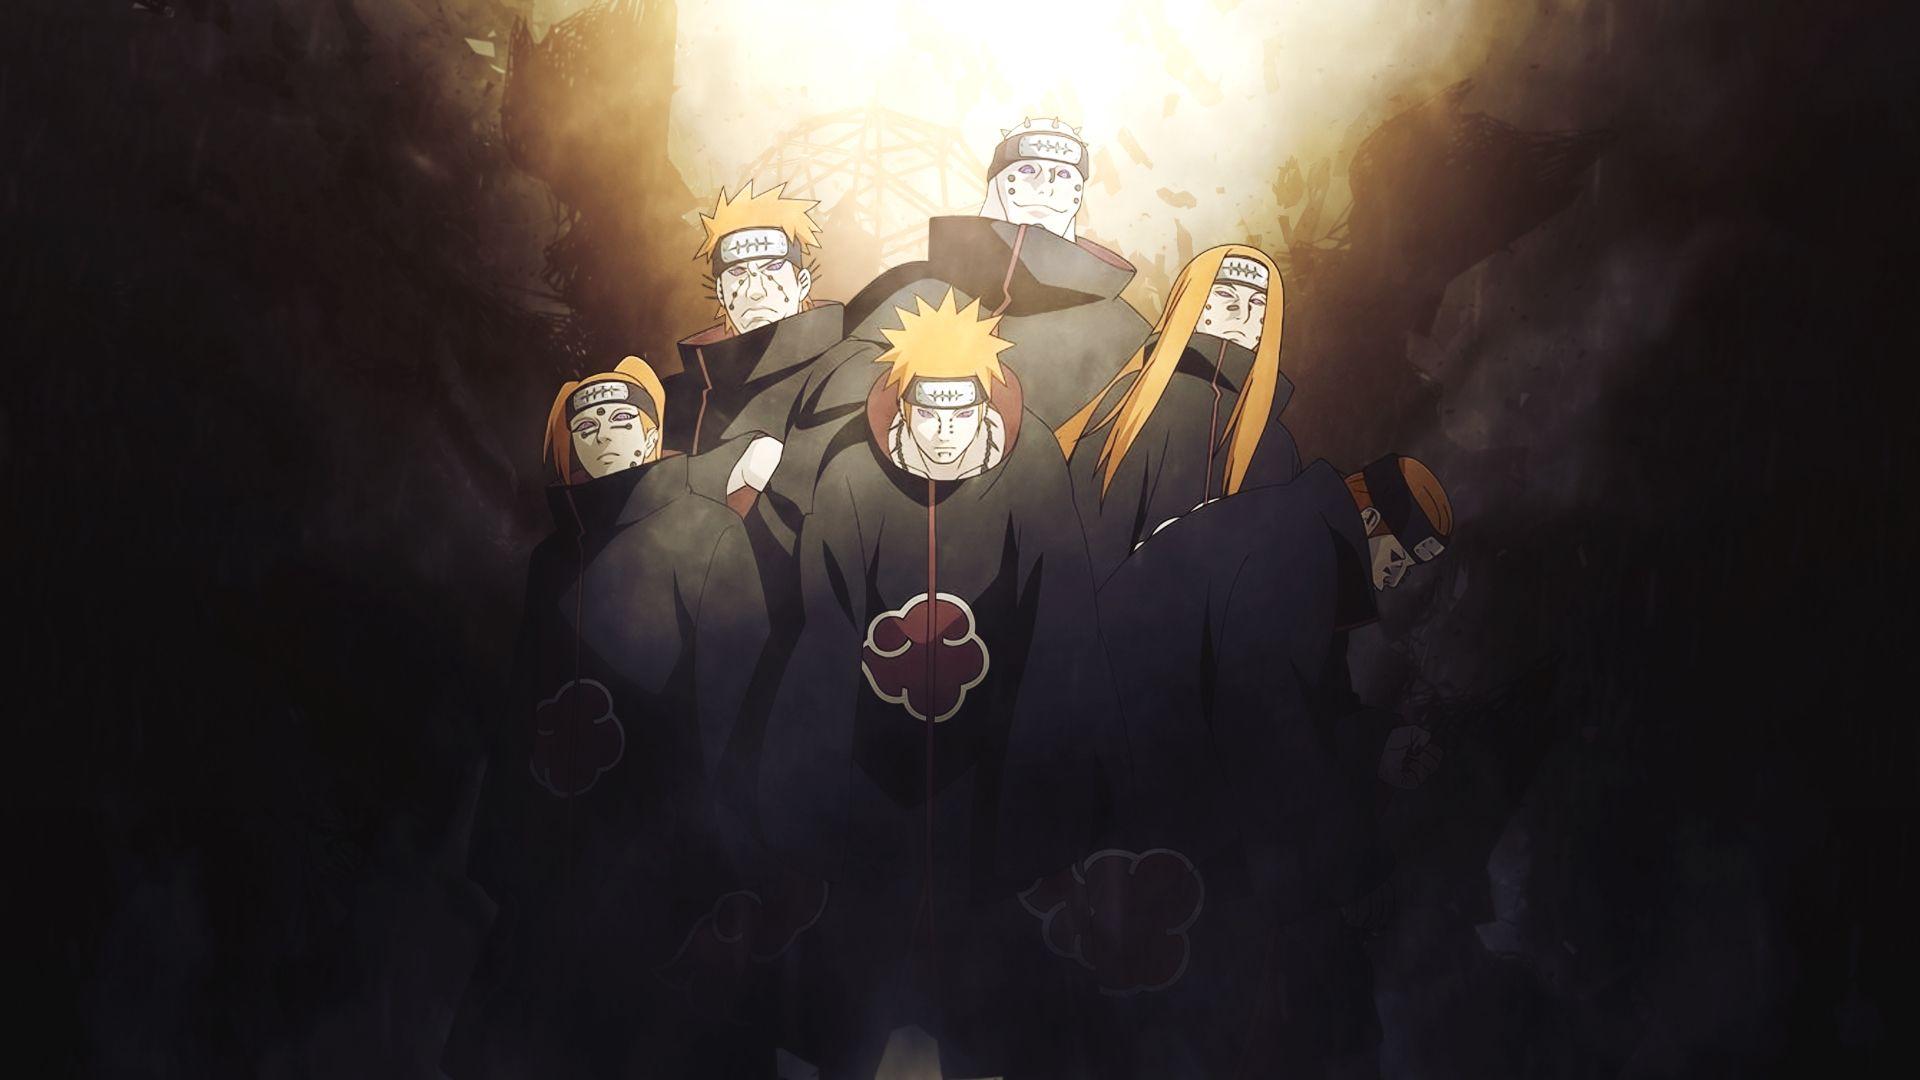 Naruto HD, Wallpaper Image